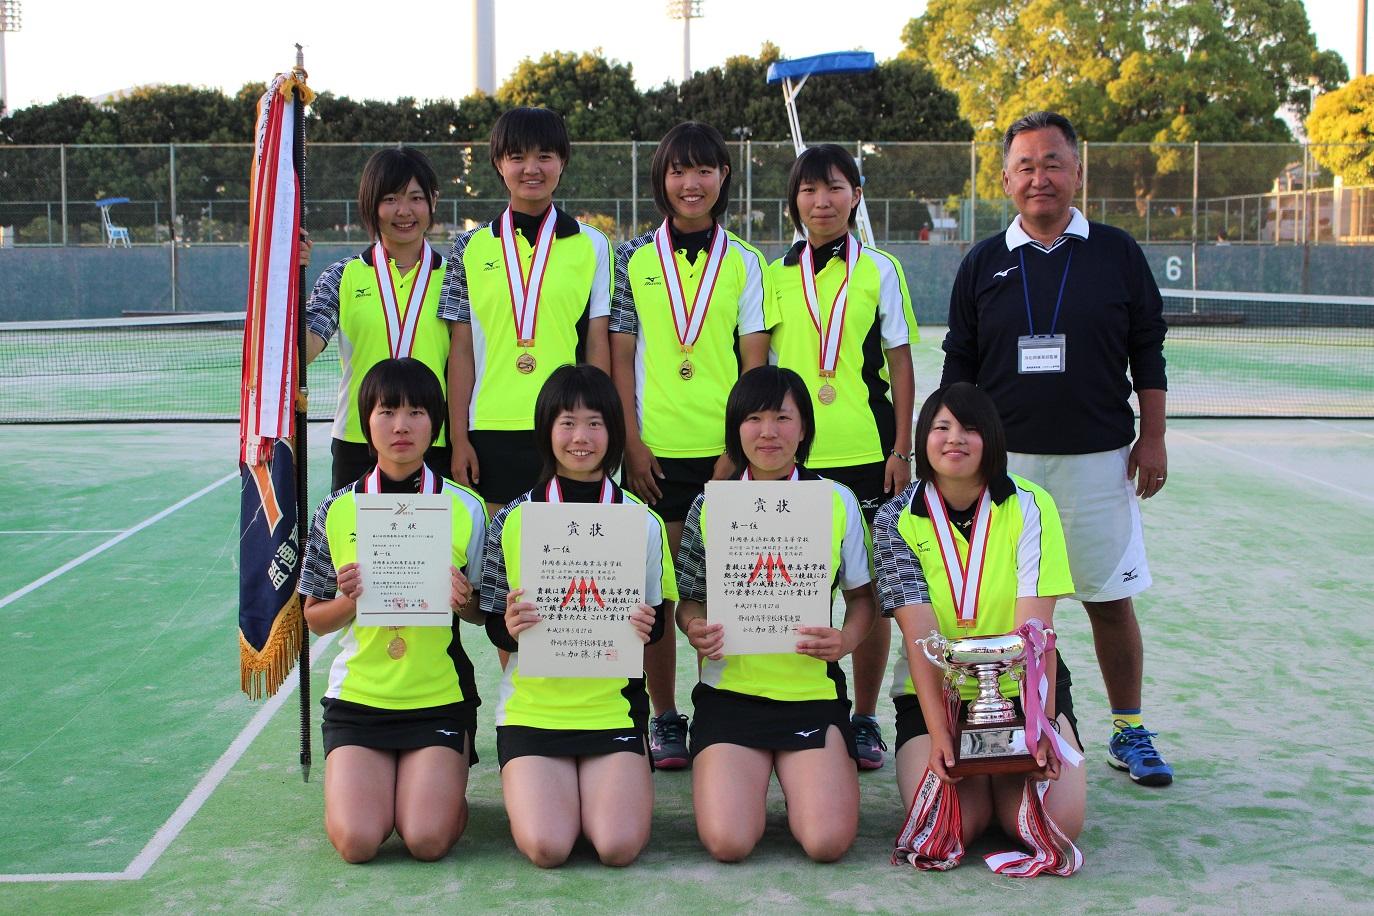 画像2: 静岡県では、草薙総合運動場庭球場で、5月27、28日にインターハイ県予選が行われた。団体戦(27日)はトーナメント戦の結果、男子・富士宮北が3年連続19回目の出場へ。そして女子は浜松商が、33年ぶりのインターハイ切符を手 [...] www.softtennis-mag.com